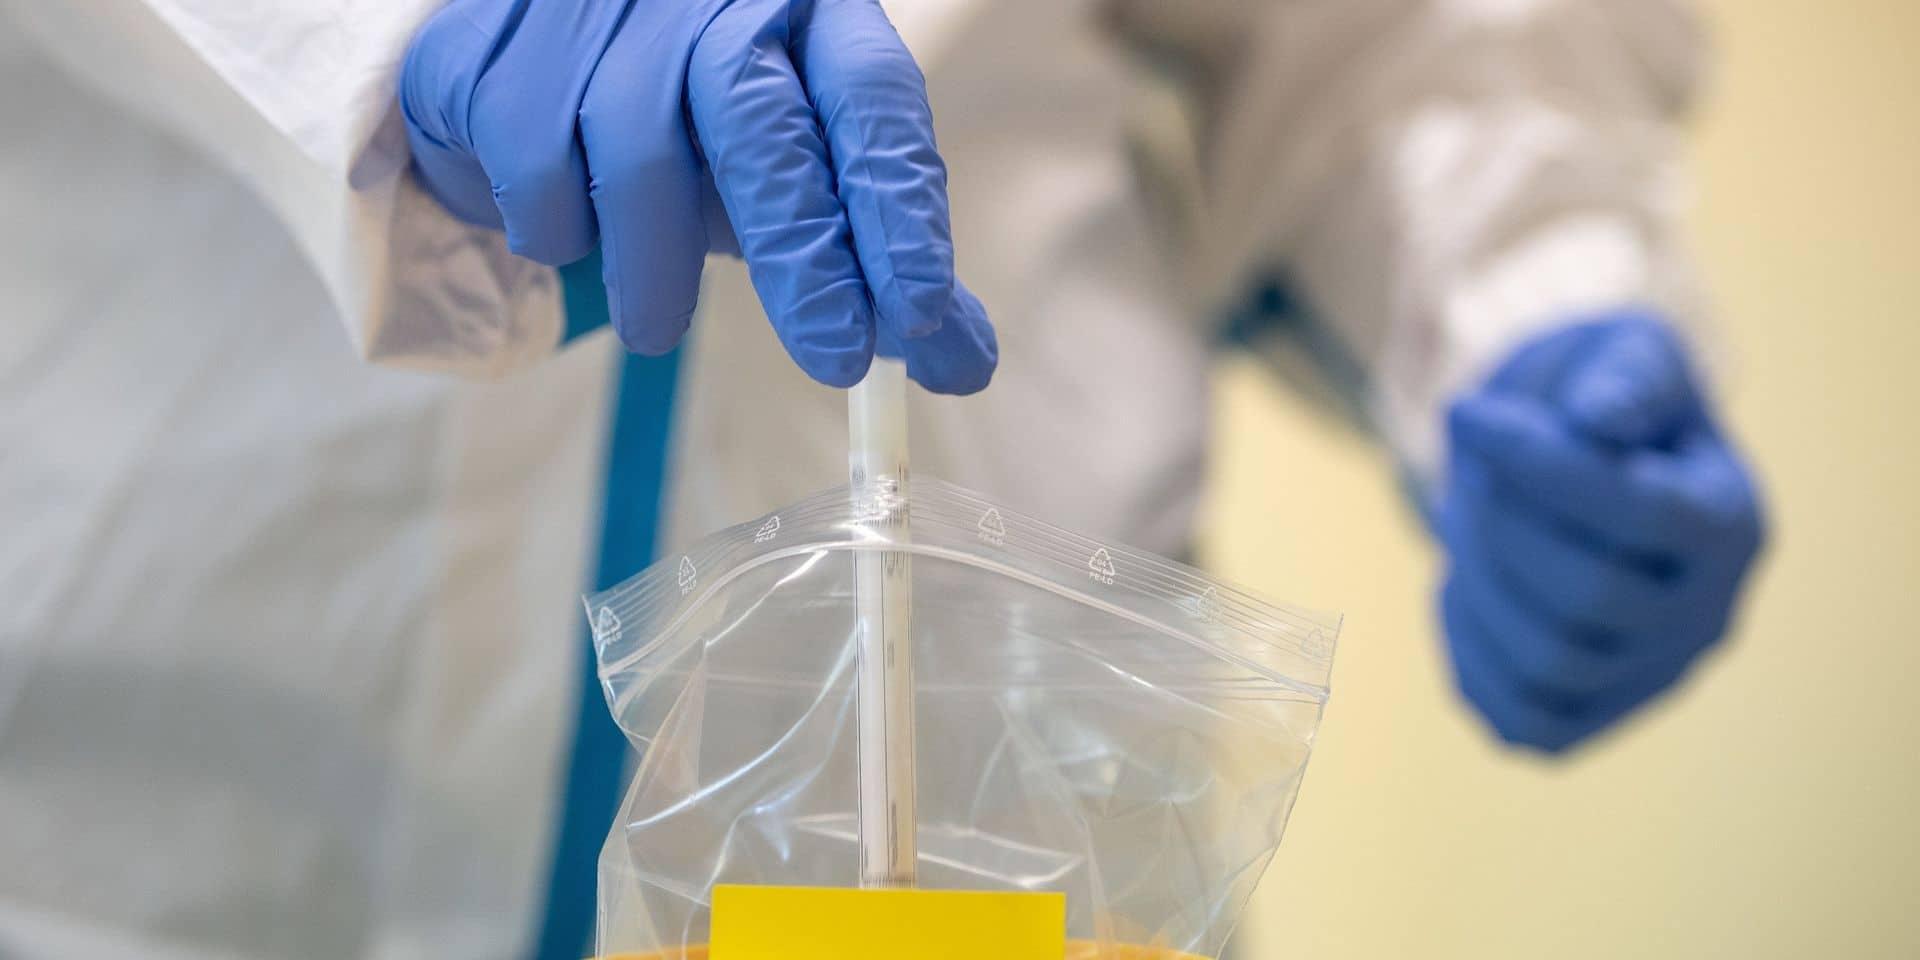 En Suède, un kit de test Covid-19 défectueux donne 3.700 résultats faussement positifs